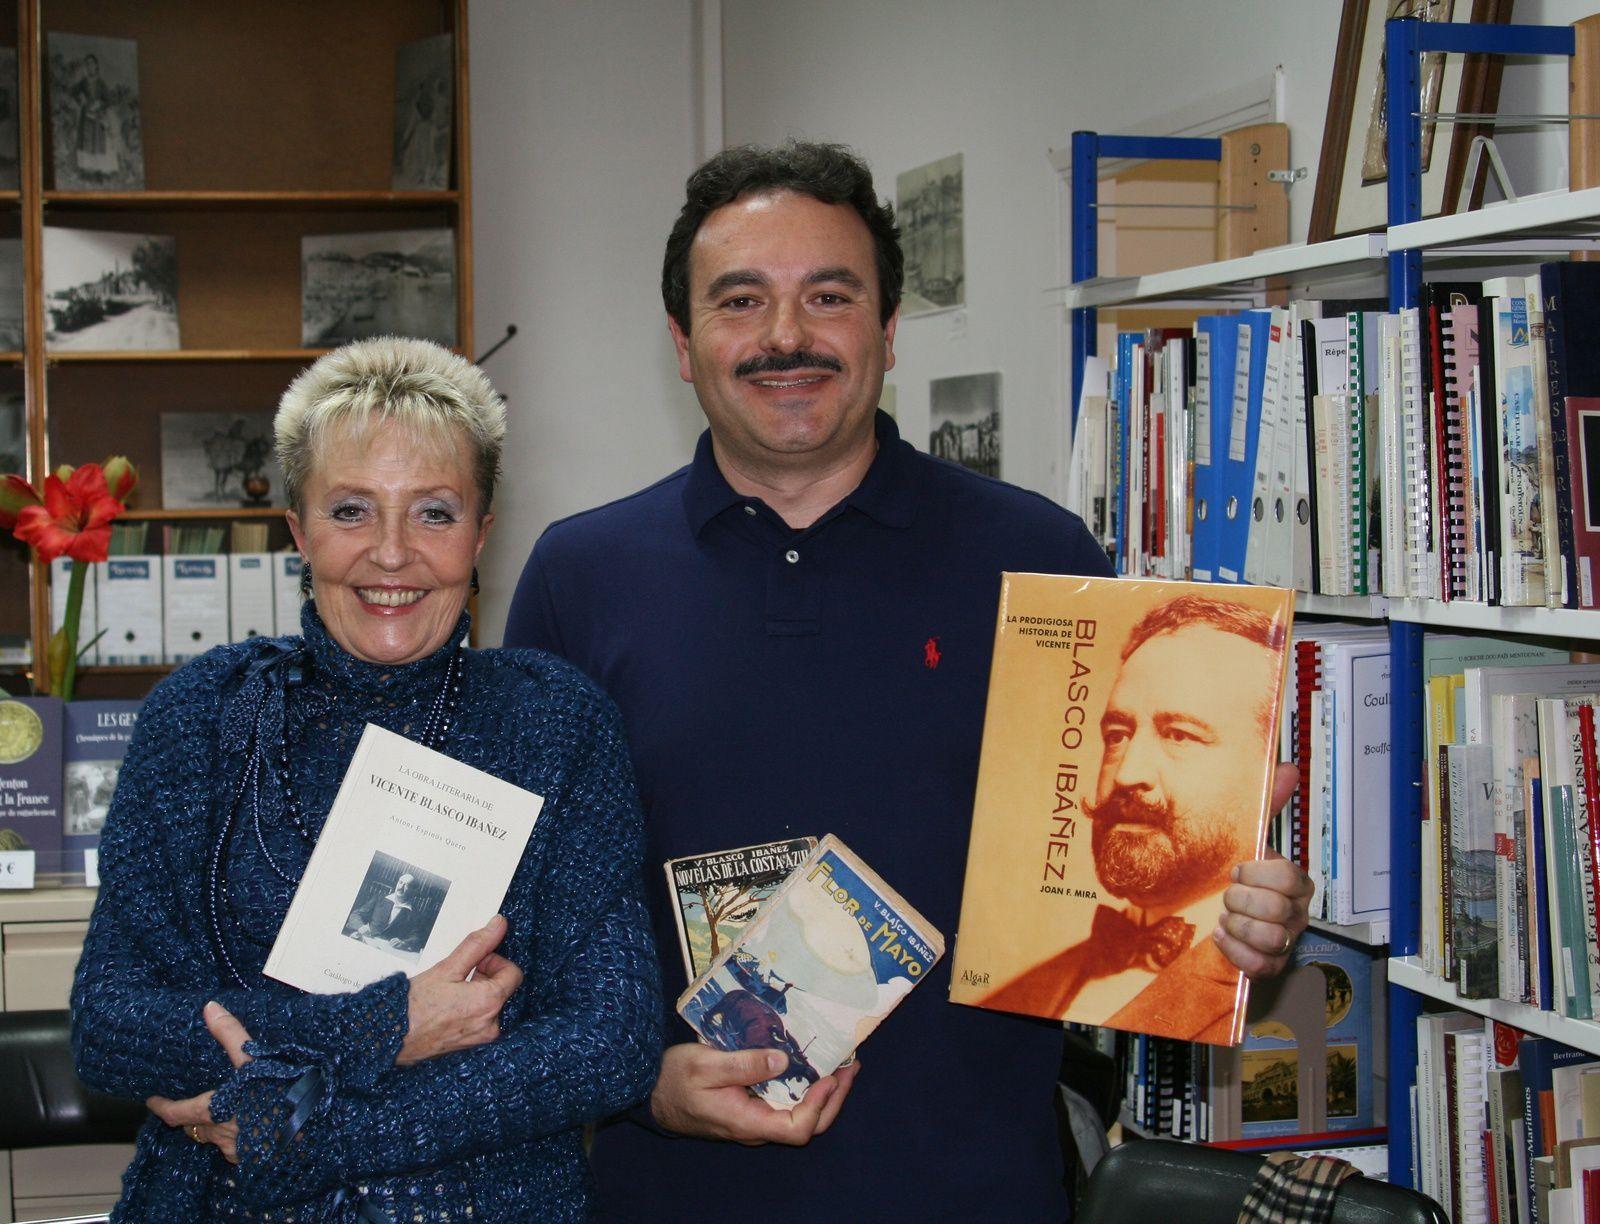 Carmen MEDRANO, Patrick ESTEVE et Vicente BLASCO IBAÑEZ